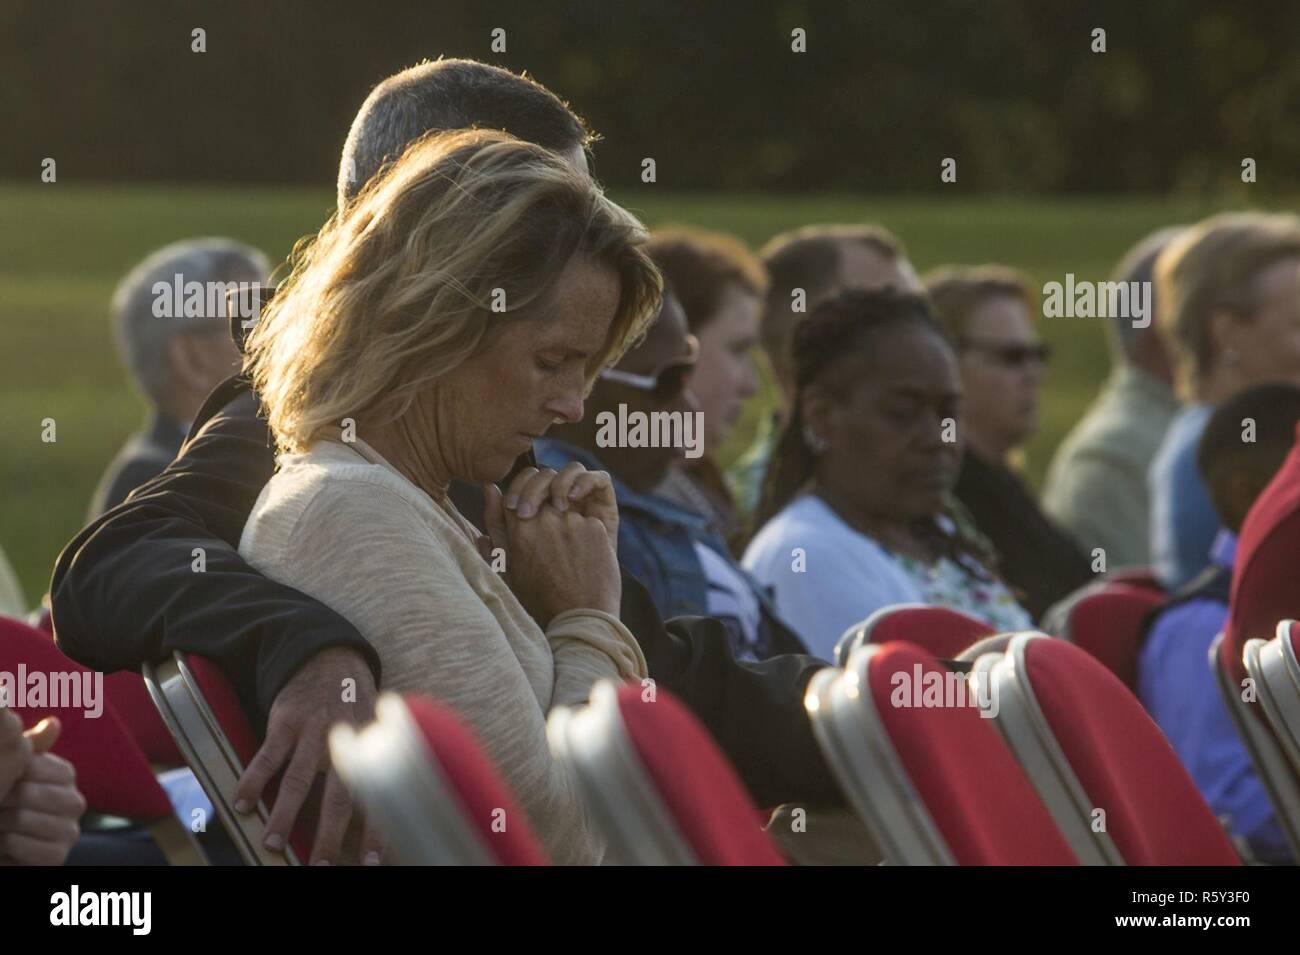 Eine Frau beugt den Kopf im Gebet während der jährlichen Easter Sunrise Zeremonie, Camp Lejeune, N.C., 16. April 2017. Jedes Jahr das Marine Corps Installationen Osten Kaplan hosts Die Easter Sunrise Zeremonie für die Marines und Seeleute, ihre Familien zu bringen und das Osterfest feiern. Stockbild